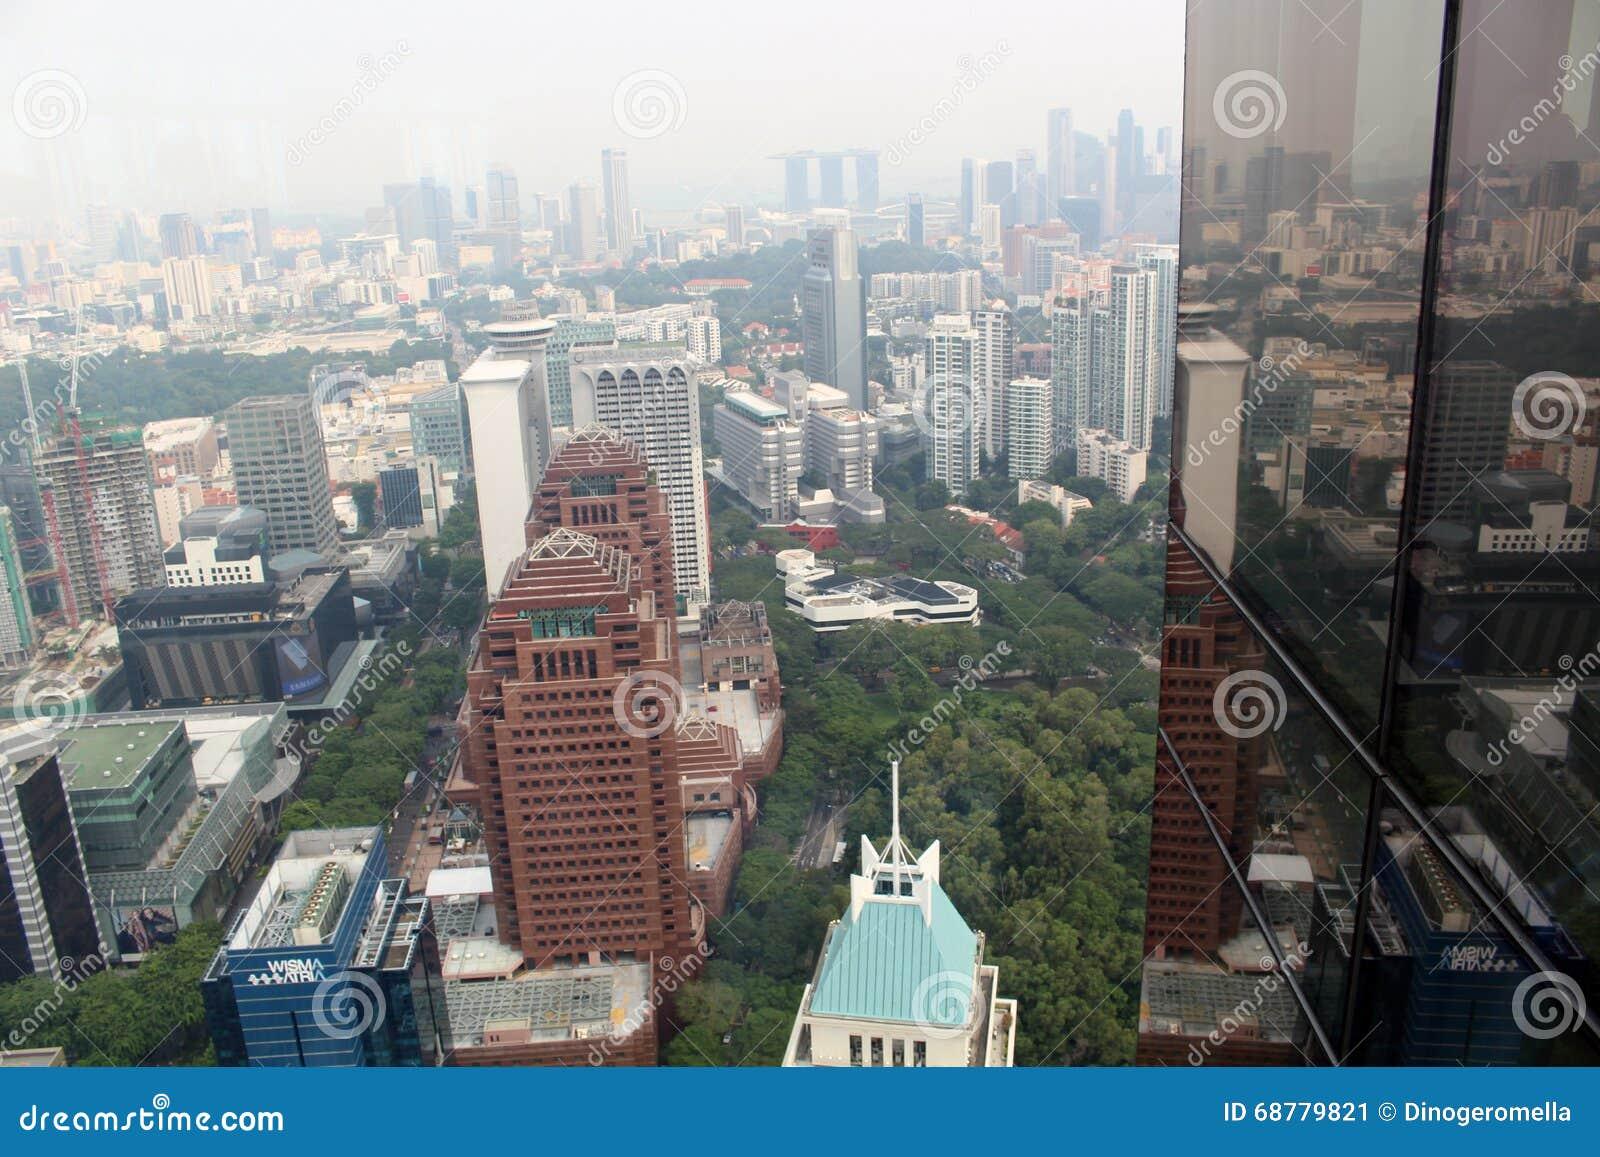 Gratte-ciel de Singapour